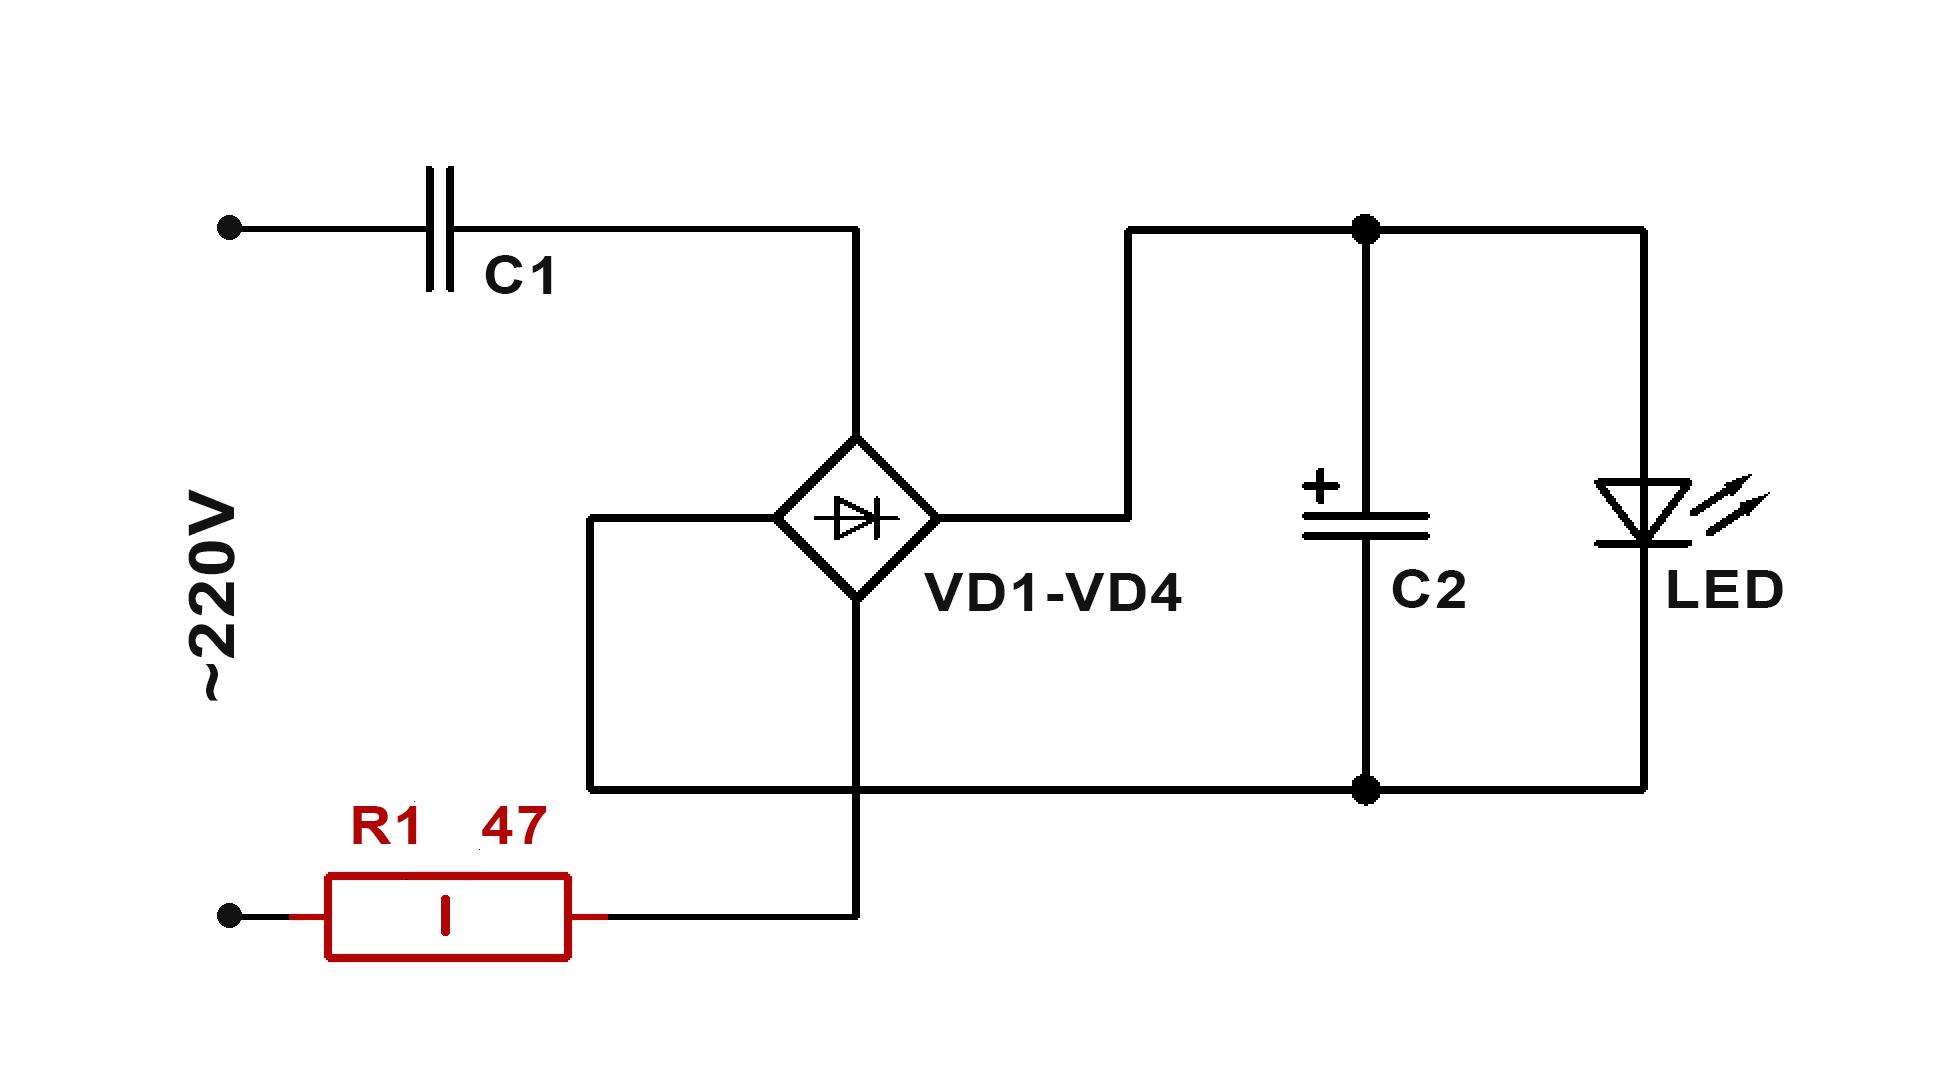 Схема с защитой светодиода от разрушения скачком напряжения